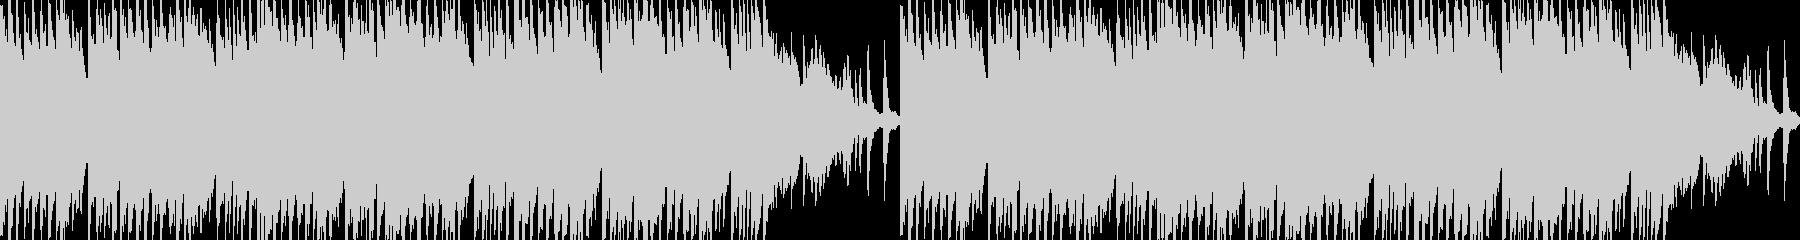 ピアノとフルートの切ないループBGMの未再生の波形